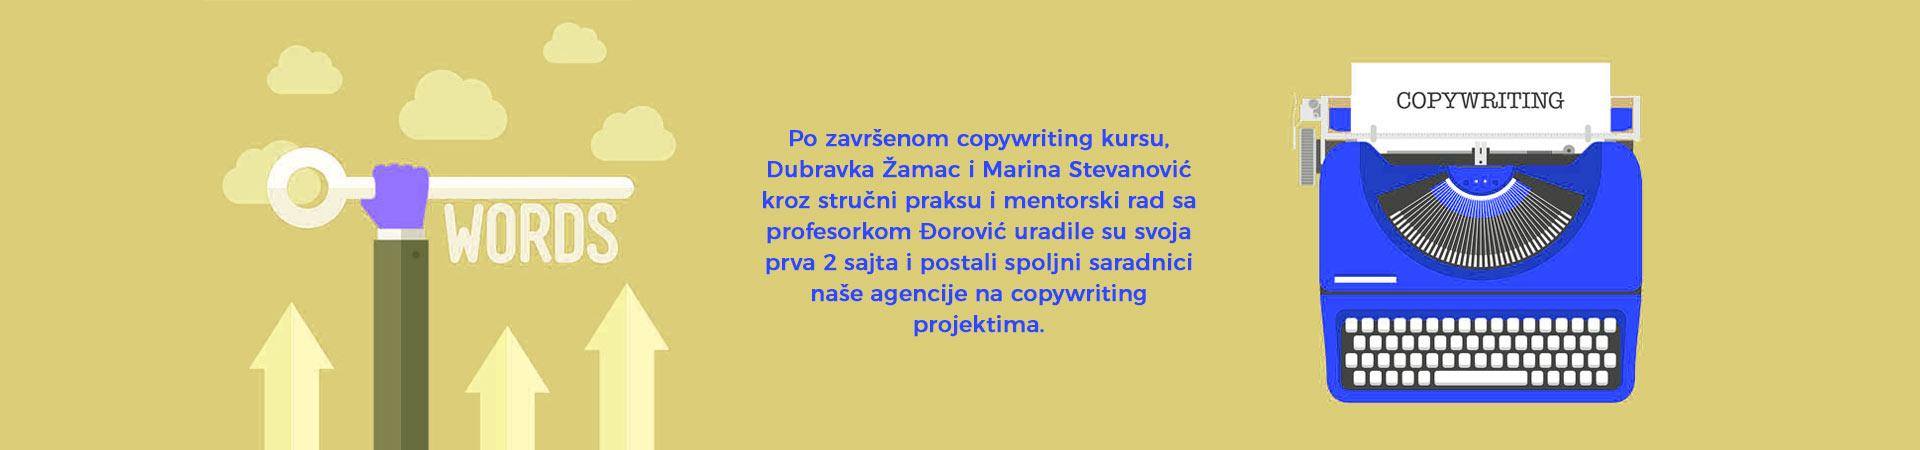 Copy-Dubravka